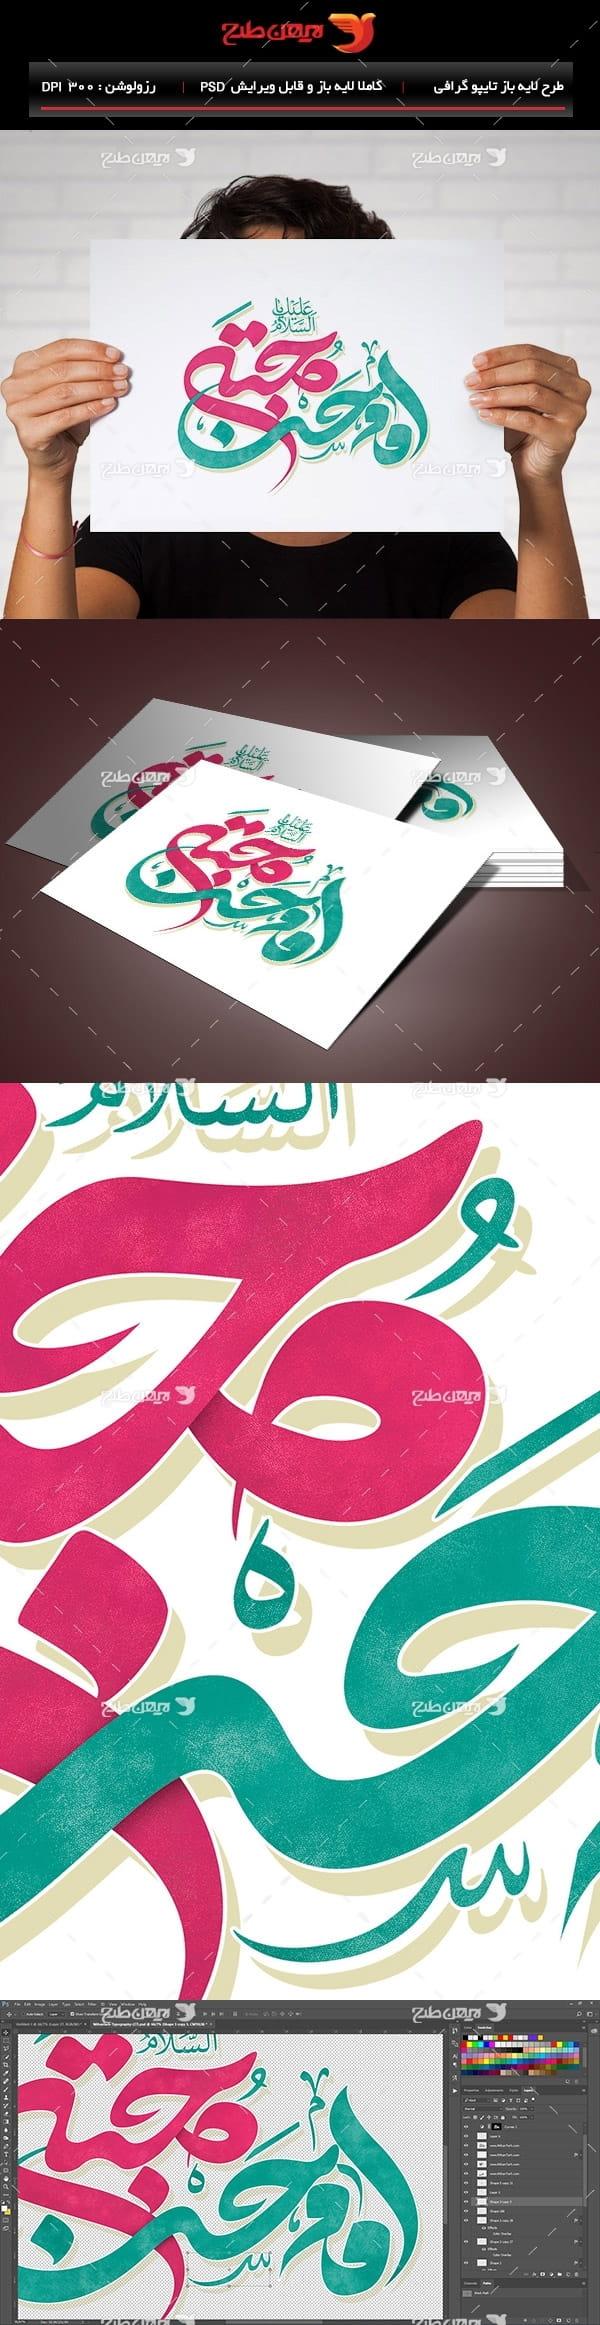 طرح لایه باز تایپوگرافی و خطاطی نام امام حسن مجتبی (ع)